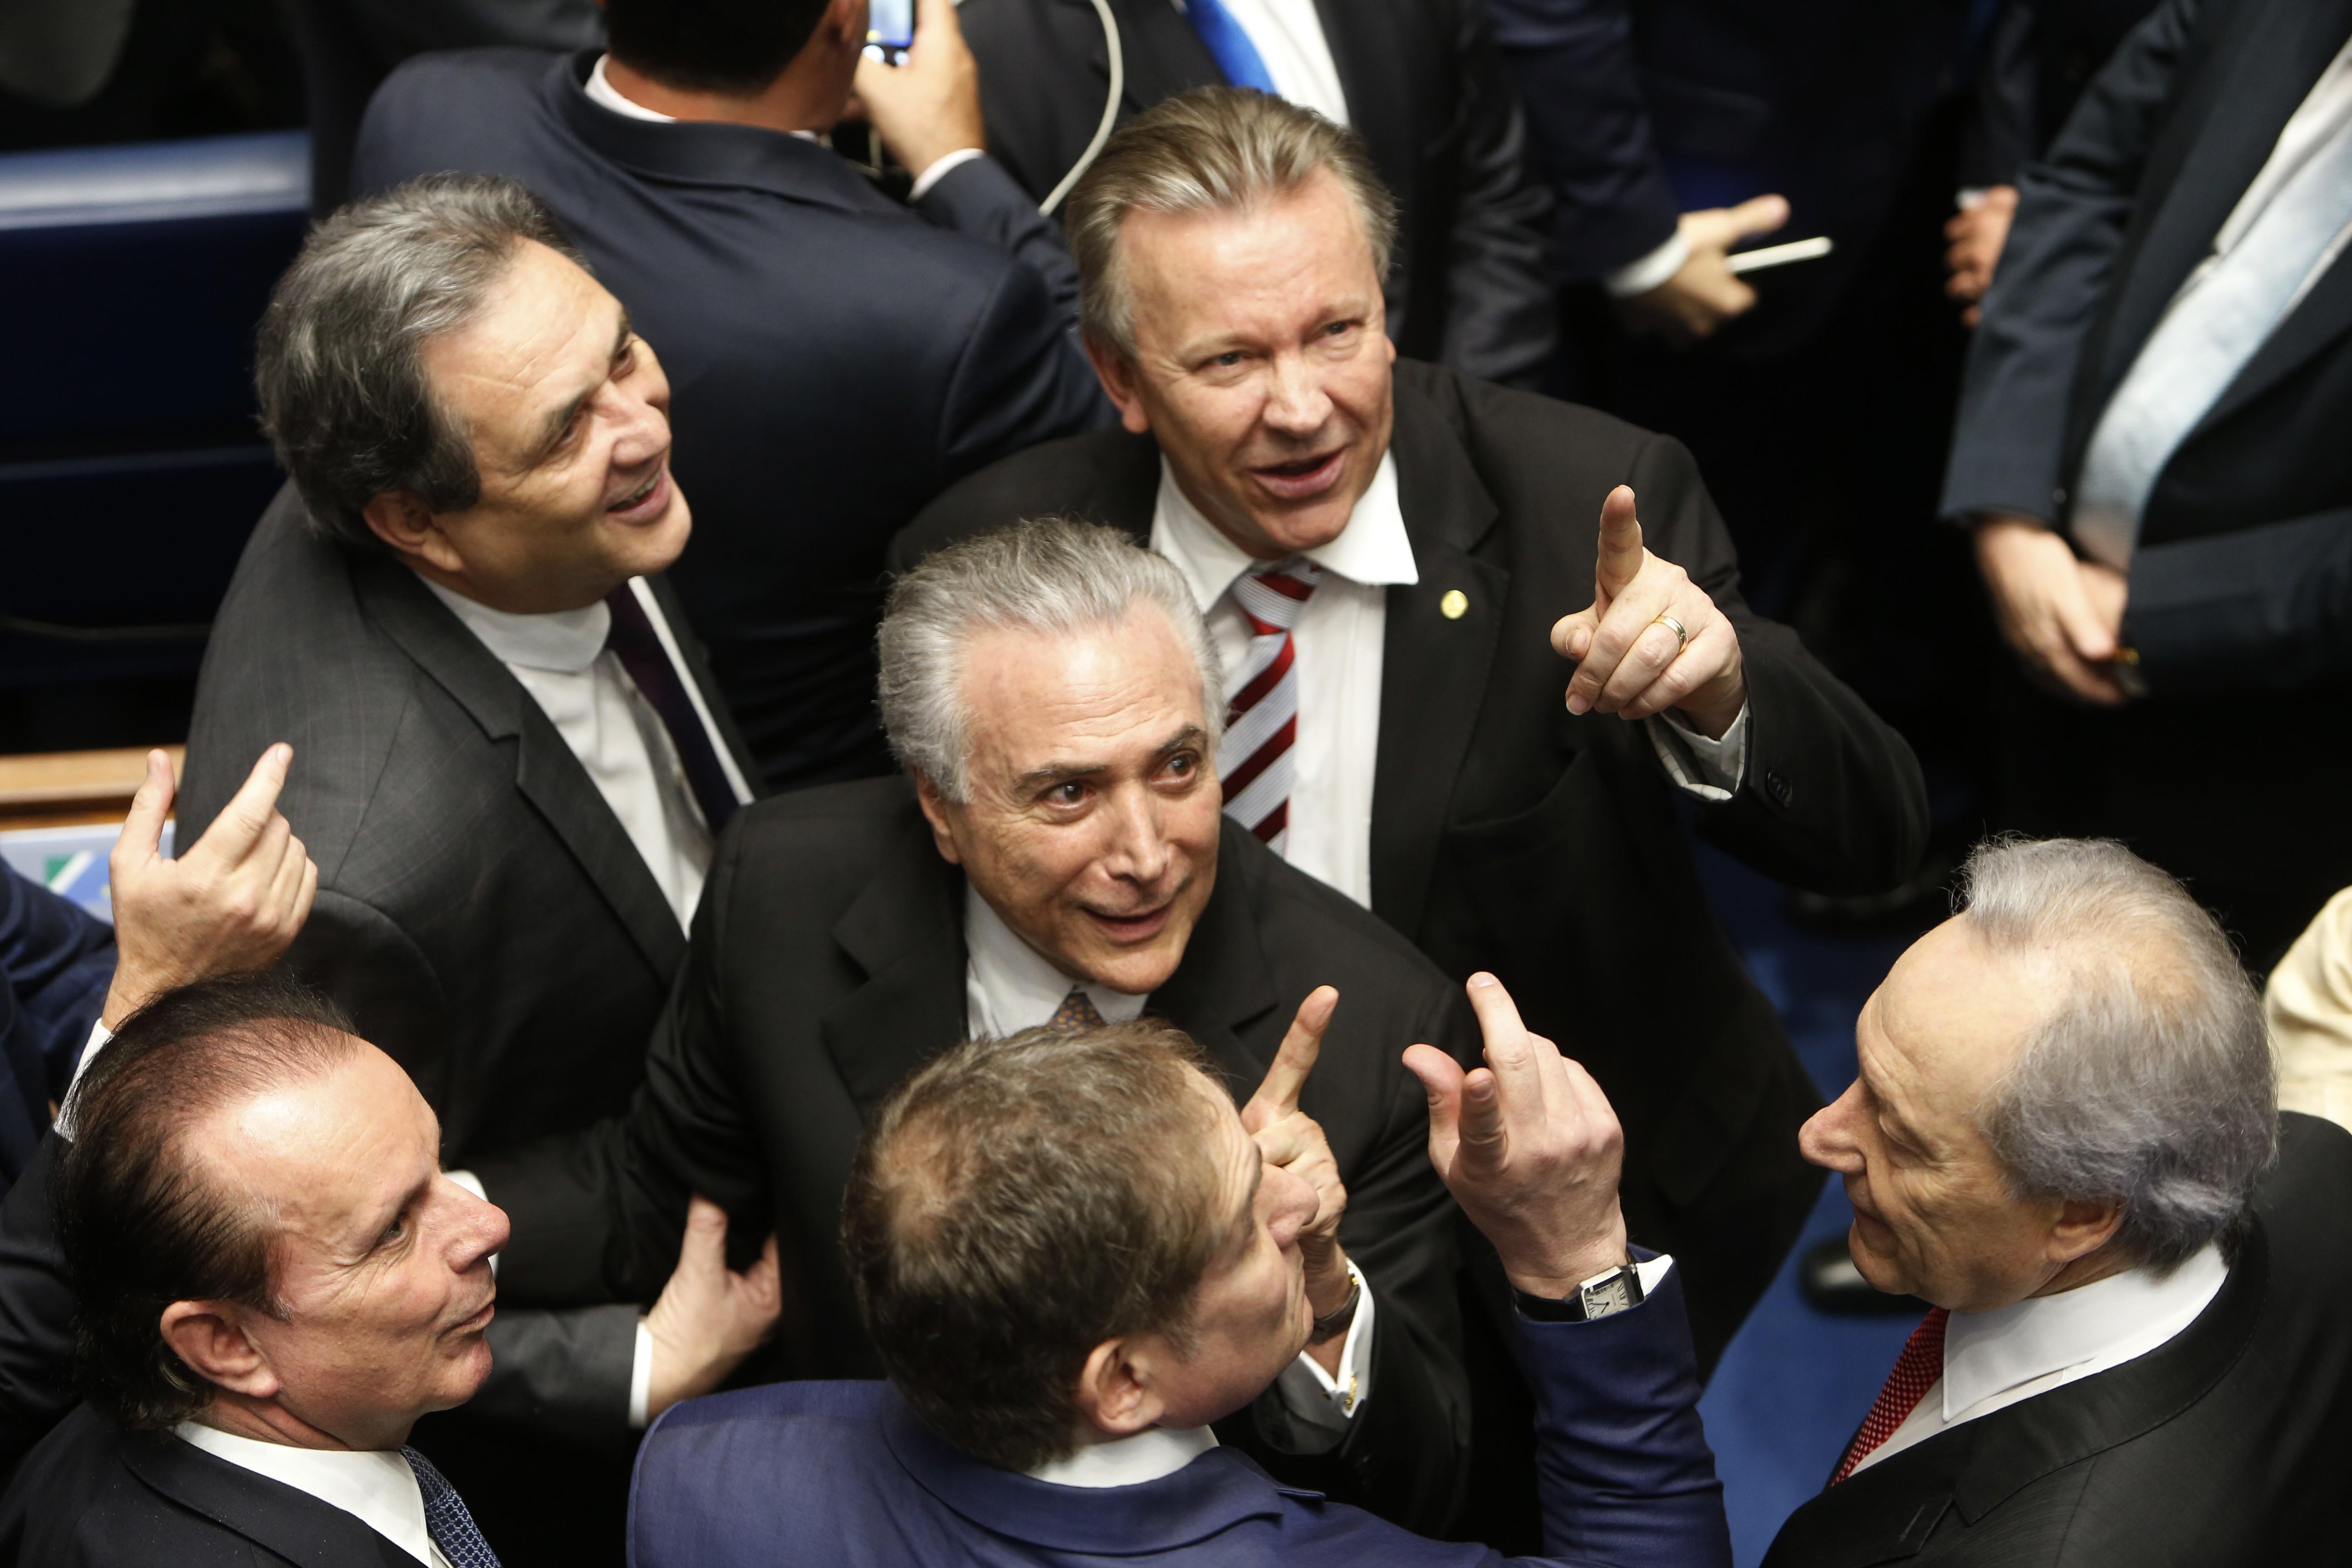 Michel Temer durante posse como presidente interino, em 2016 (Foto: Getty Images/Igo Estrela)